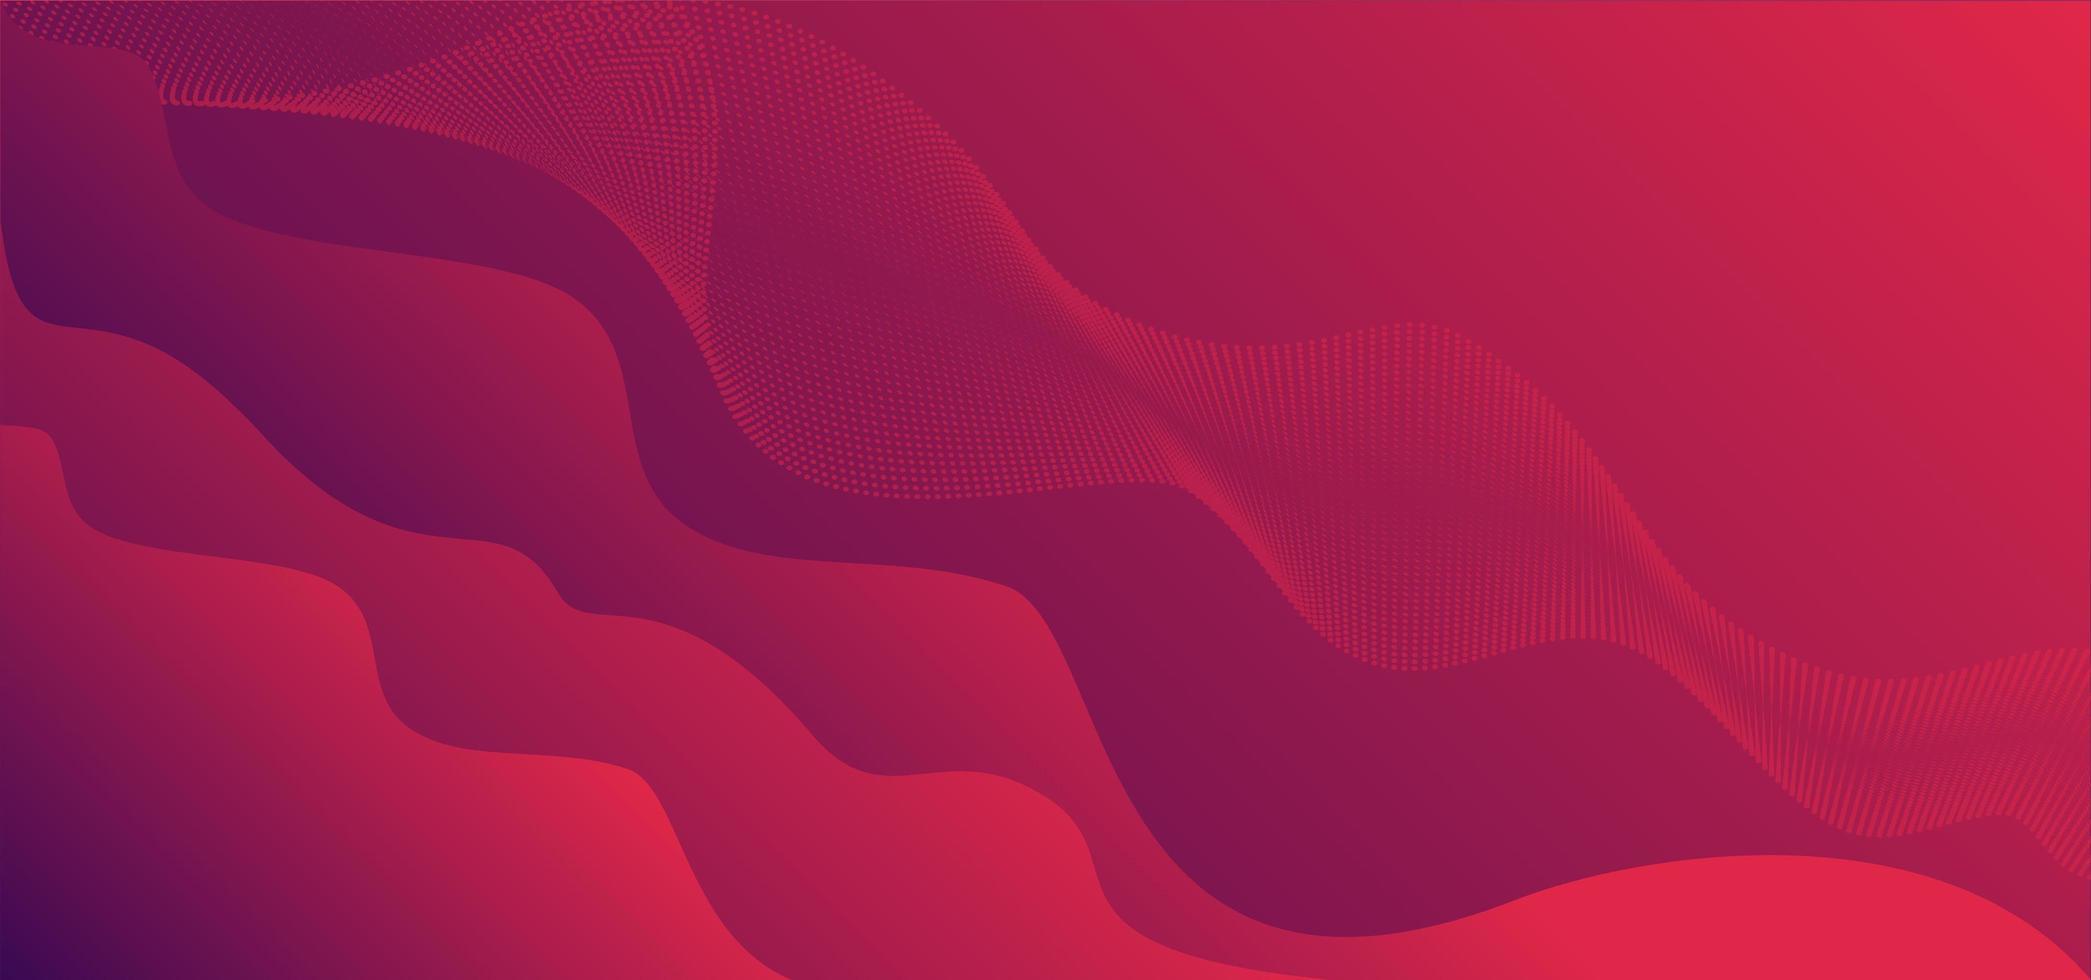 vloeibaar kleur banner achtergrond vloeibaar maken vector